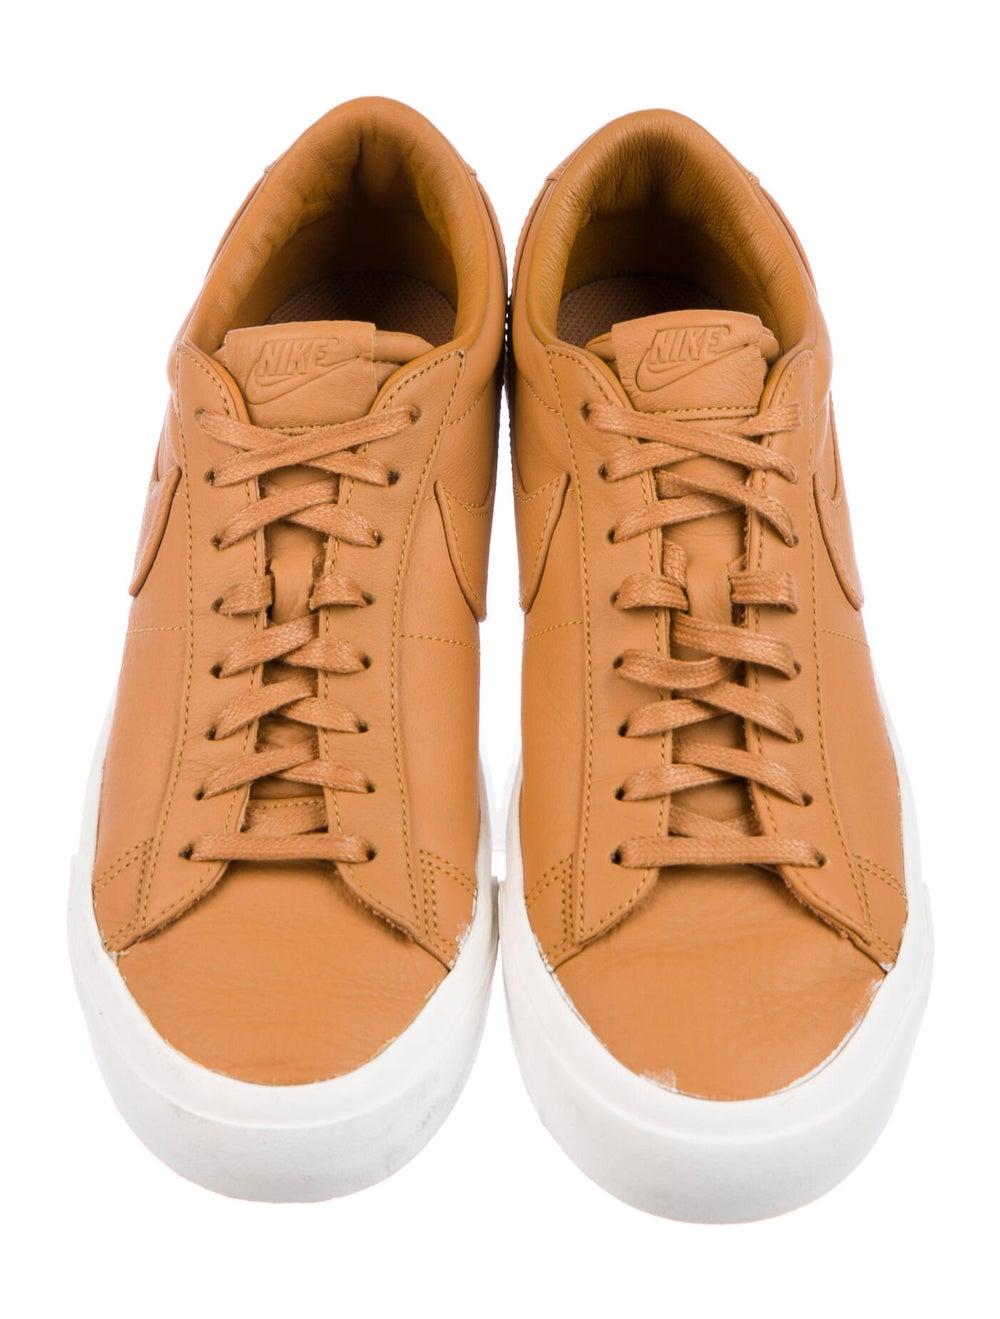 Nike Blazer Sneakers Brown - image 3